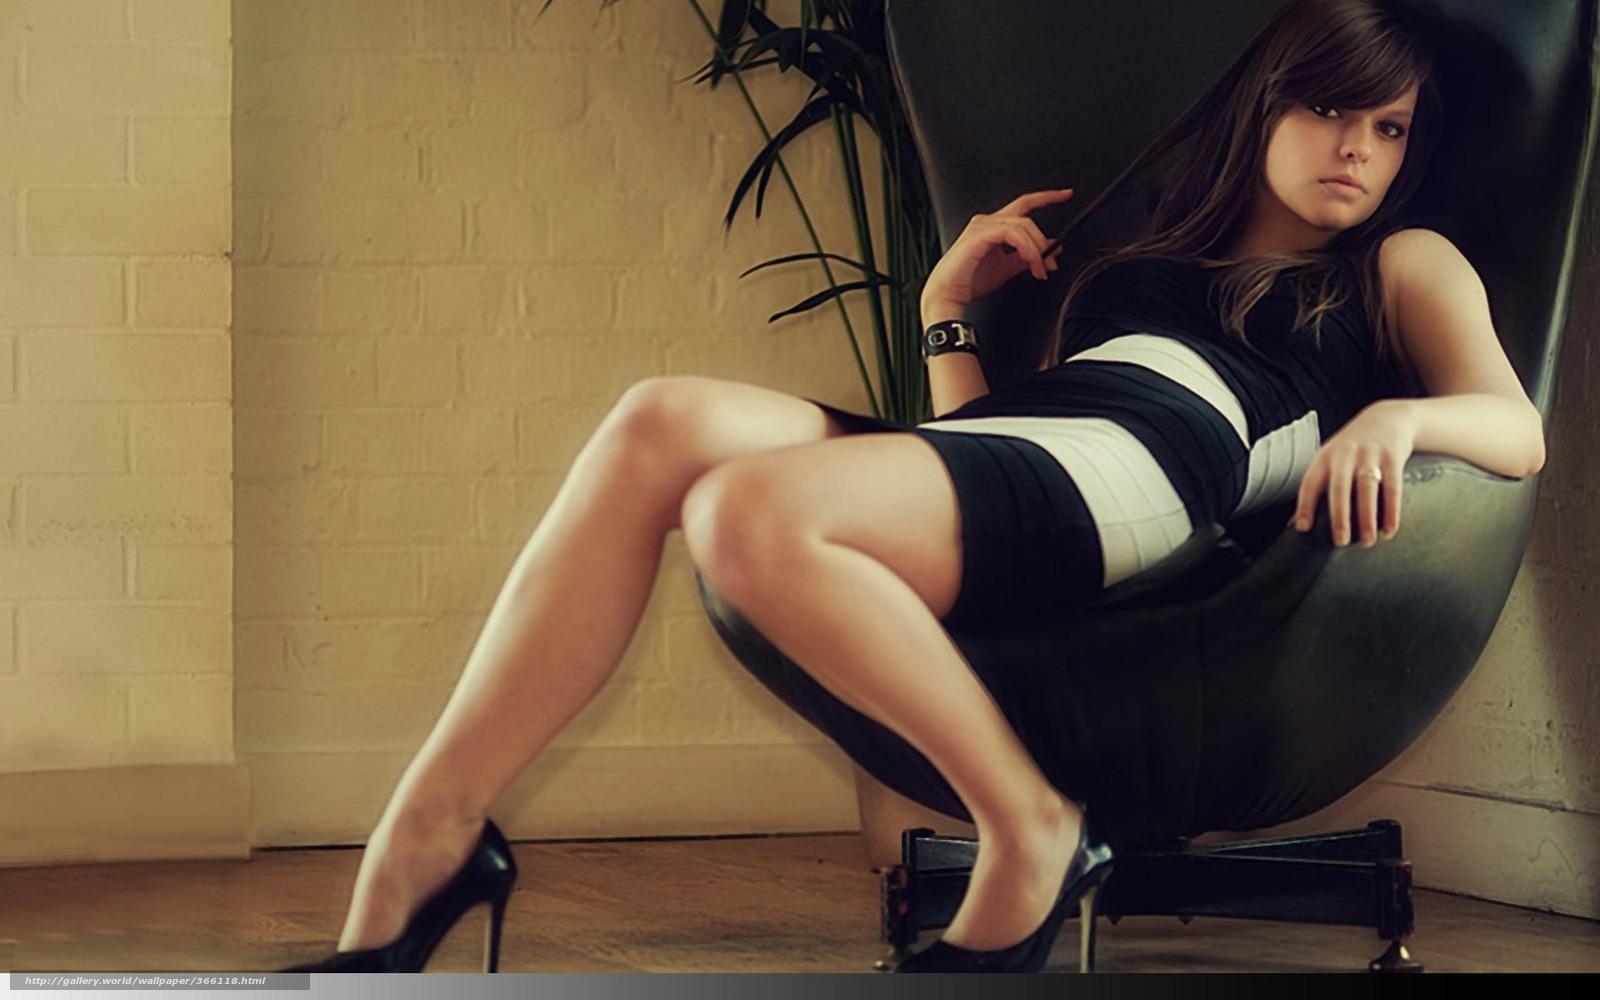 Фото ariel в кресле 21 фотография